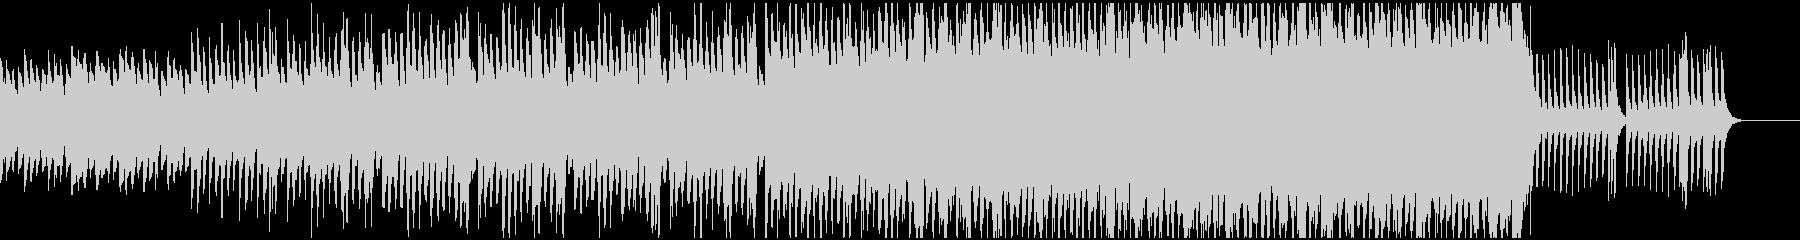 入場をイメージした和曲の未再生の波形